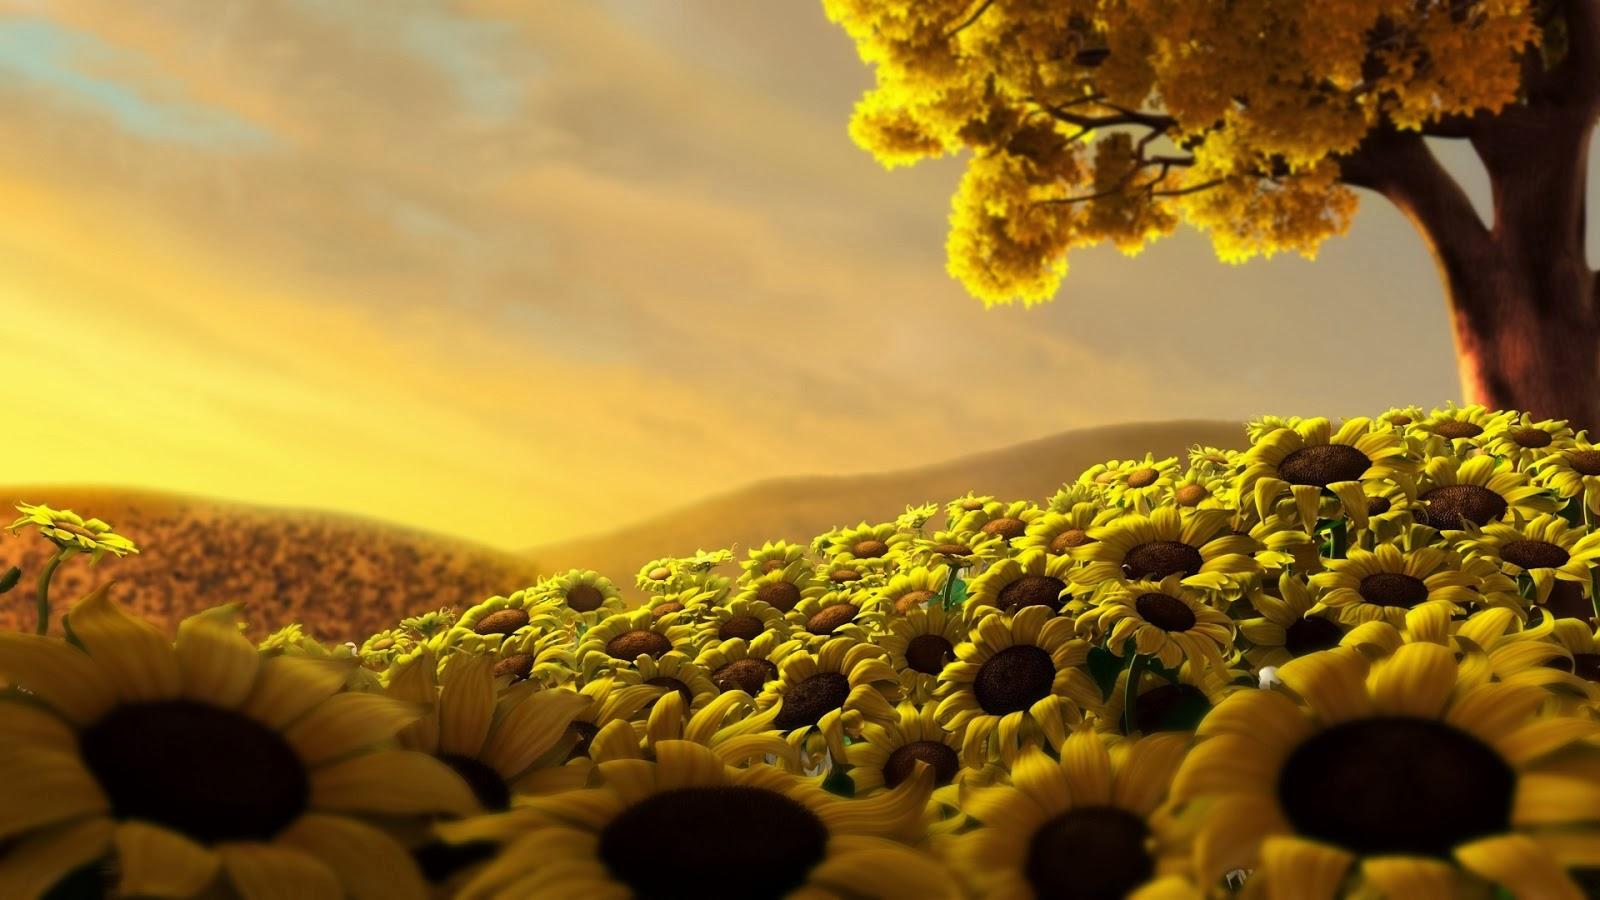 Gambar Bunga Matahari Animasi 3D